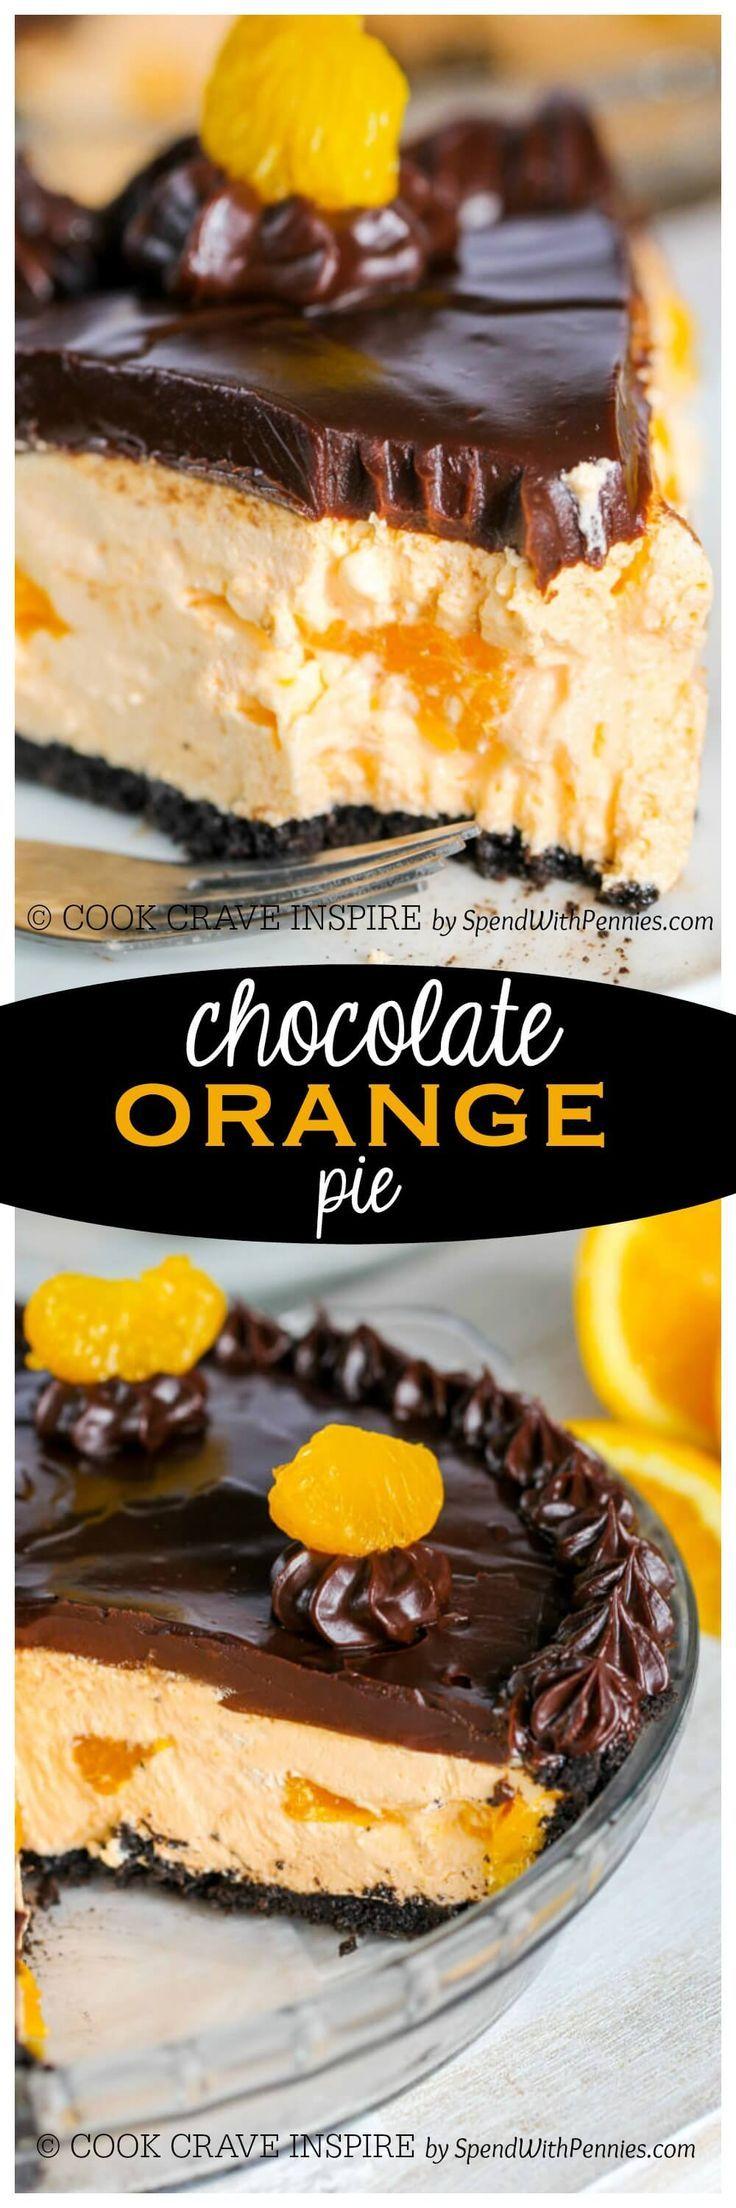 How To Make Cream Center For Chocolates